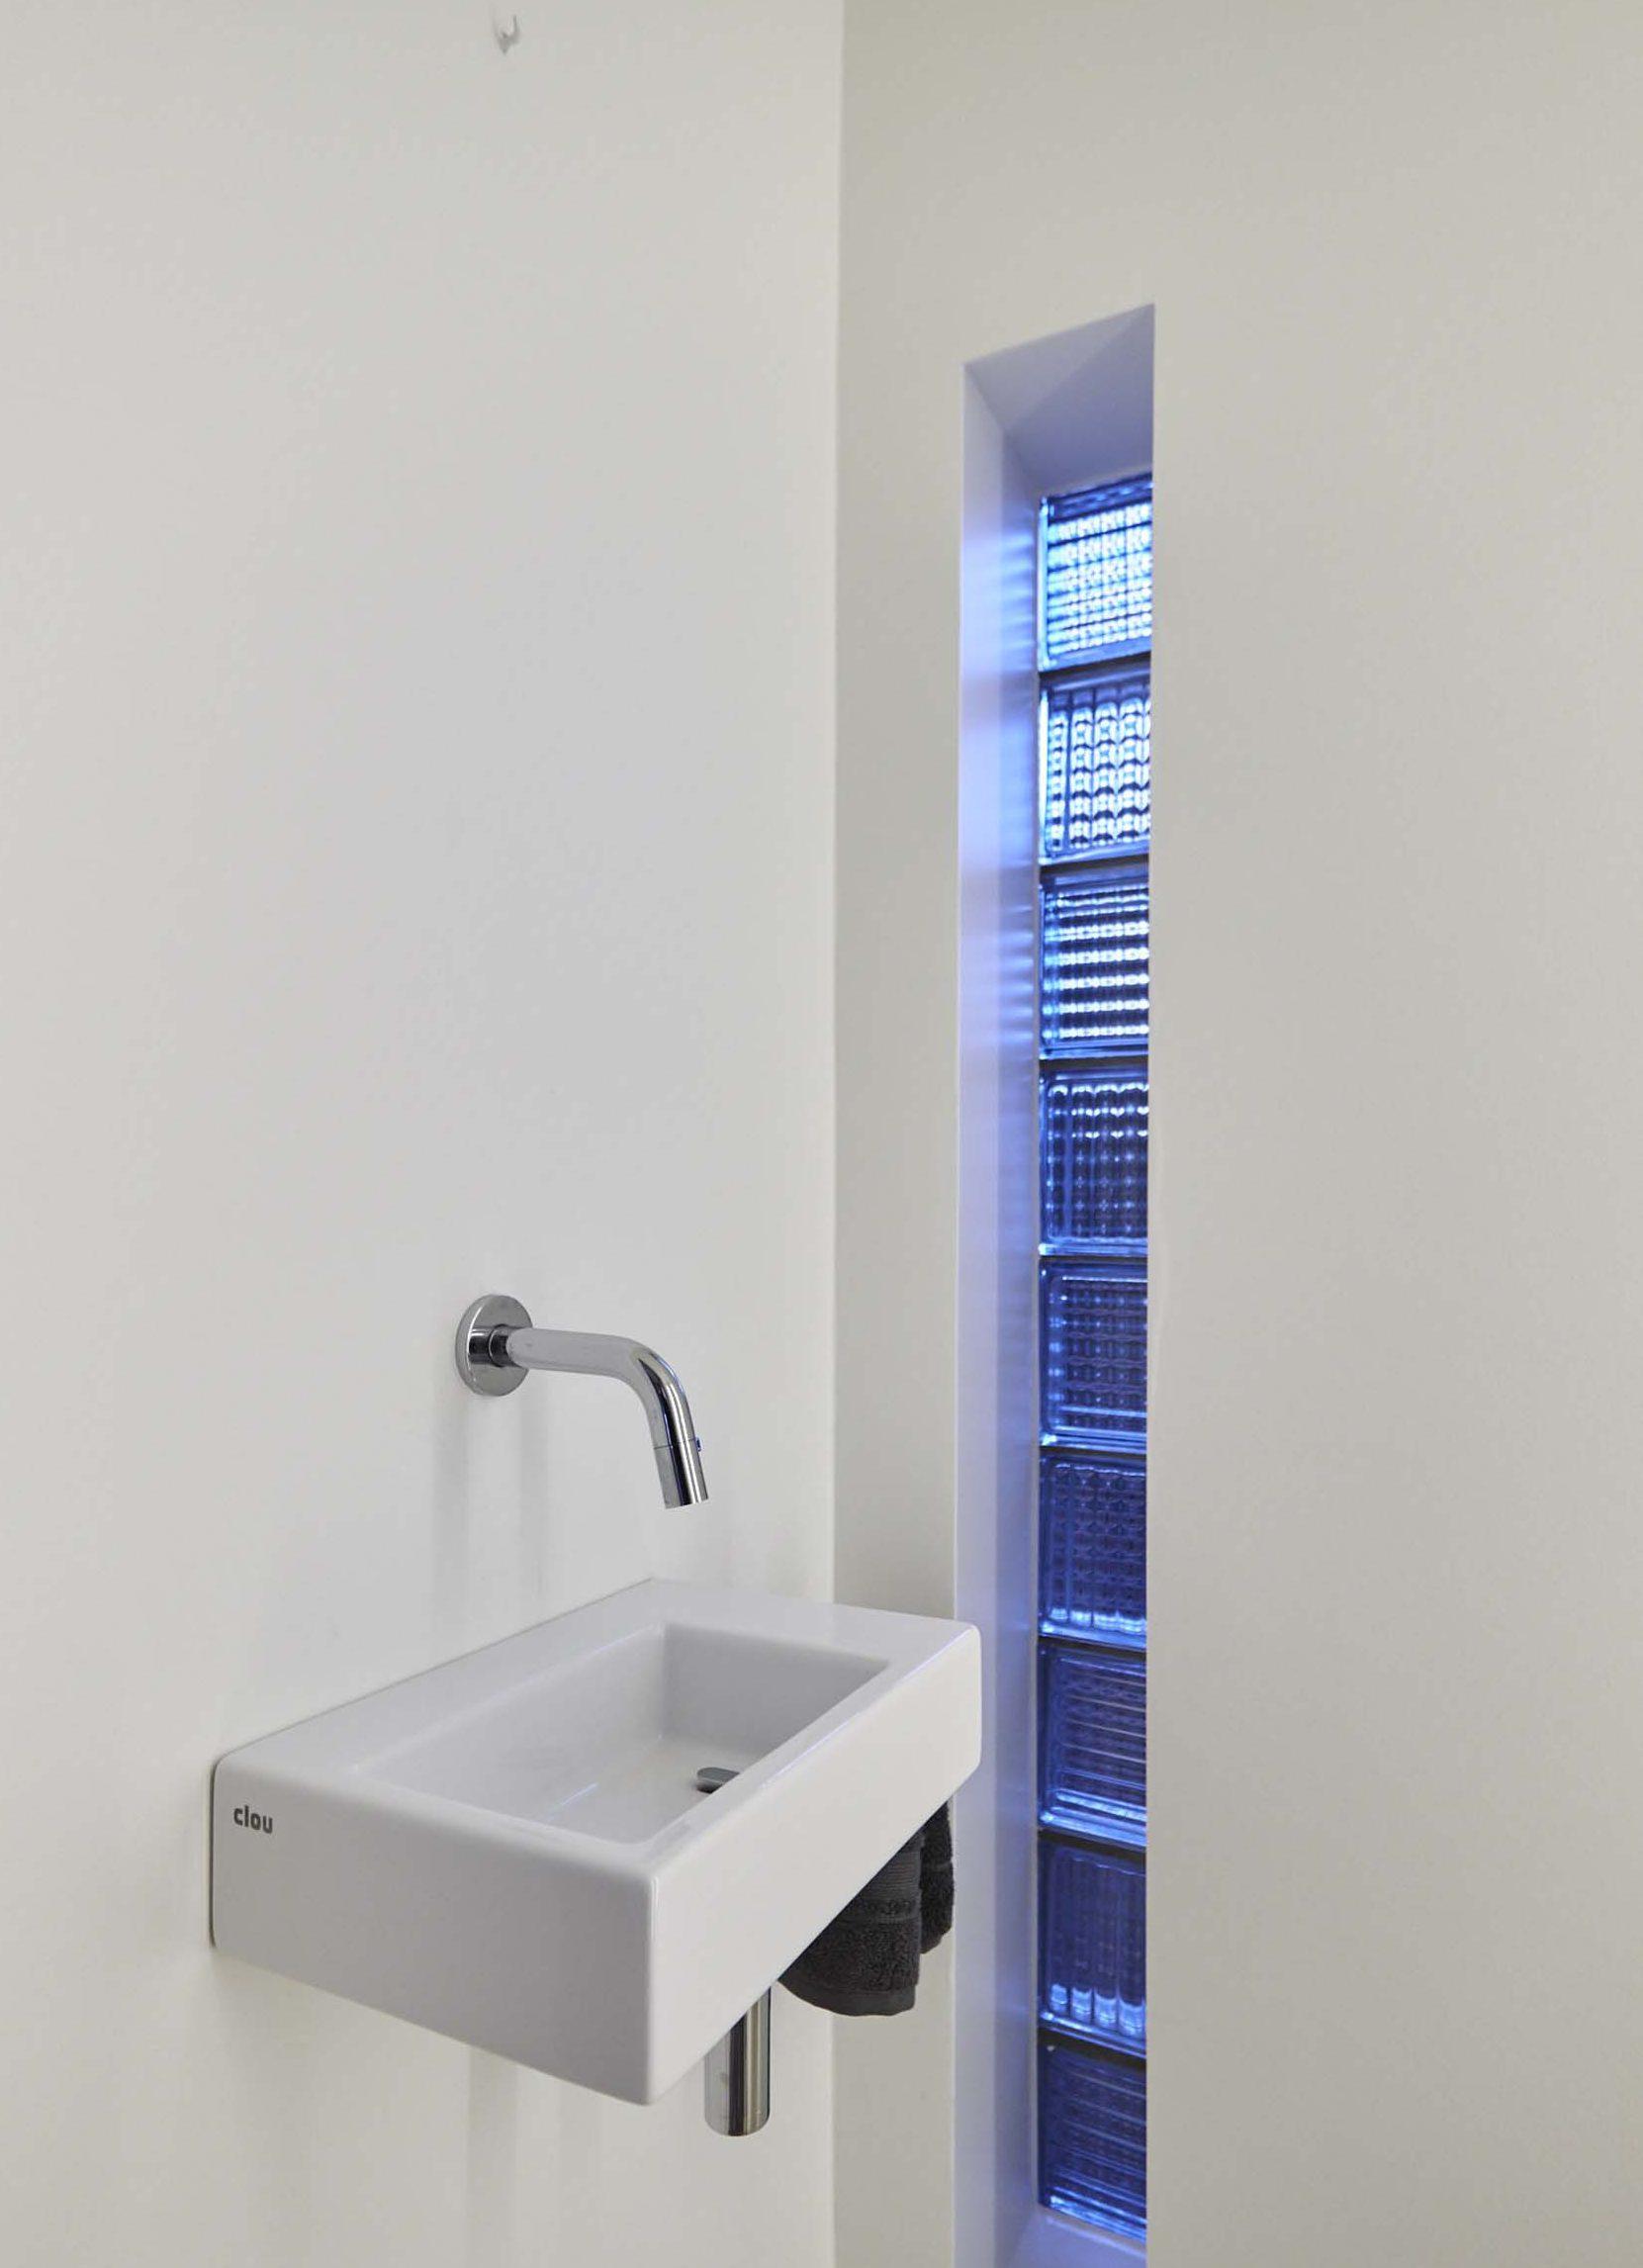 Vanda-projects-interieurinrichting-meubelmakerij-oost-vlaanderen-riem-toilet-wasbak